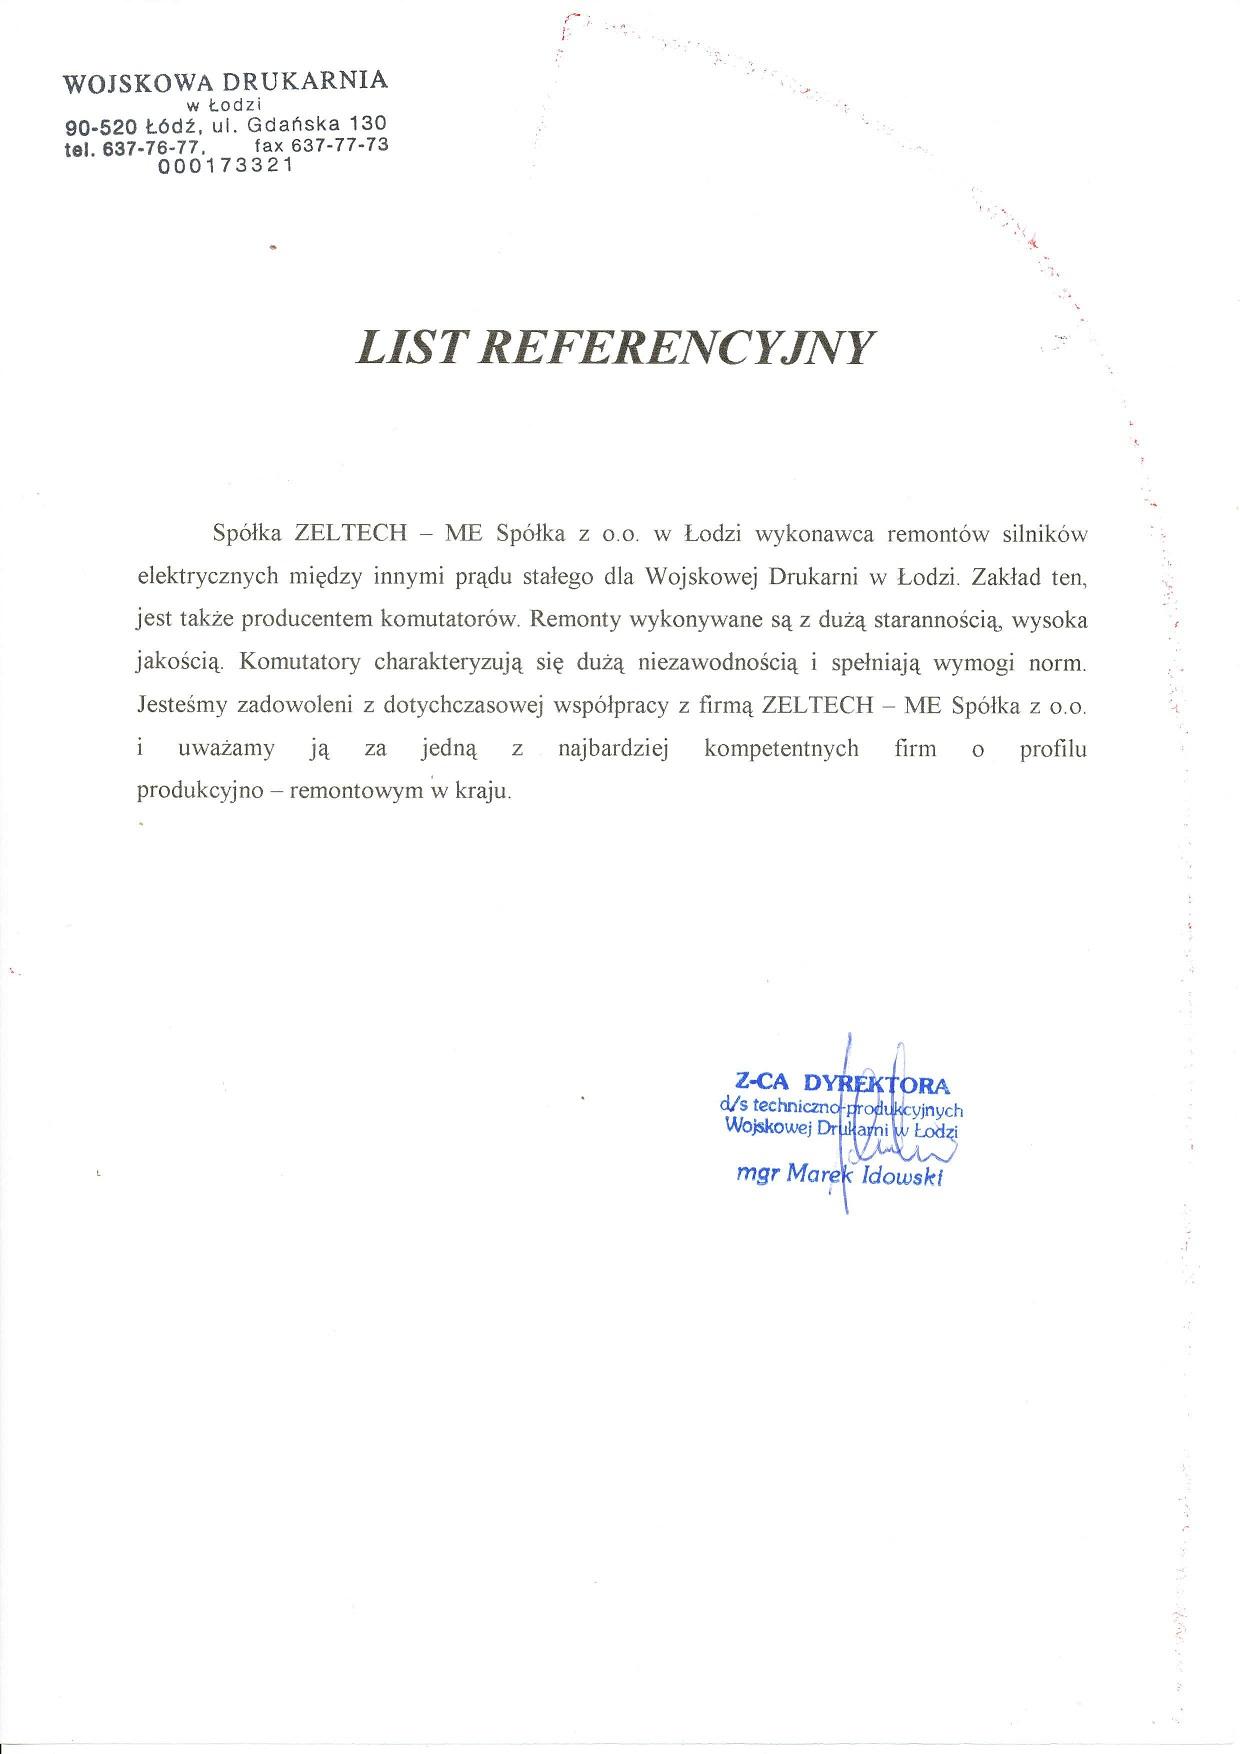 List Referencyjny Wojskowa Drukarnia w Łodzi